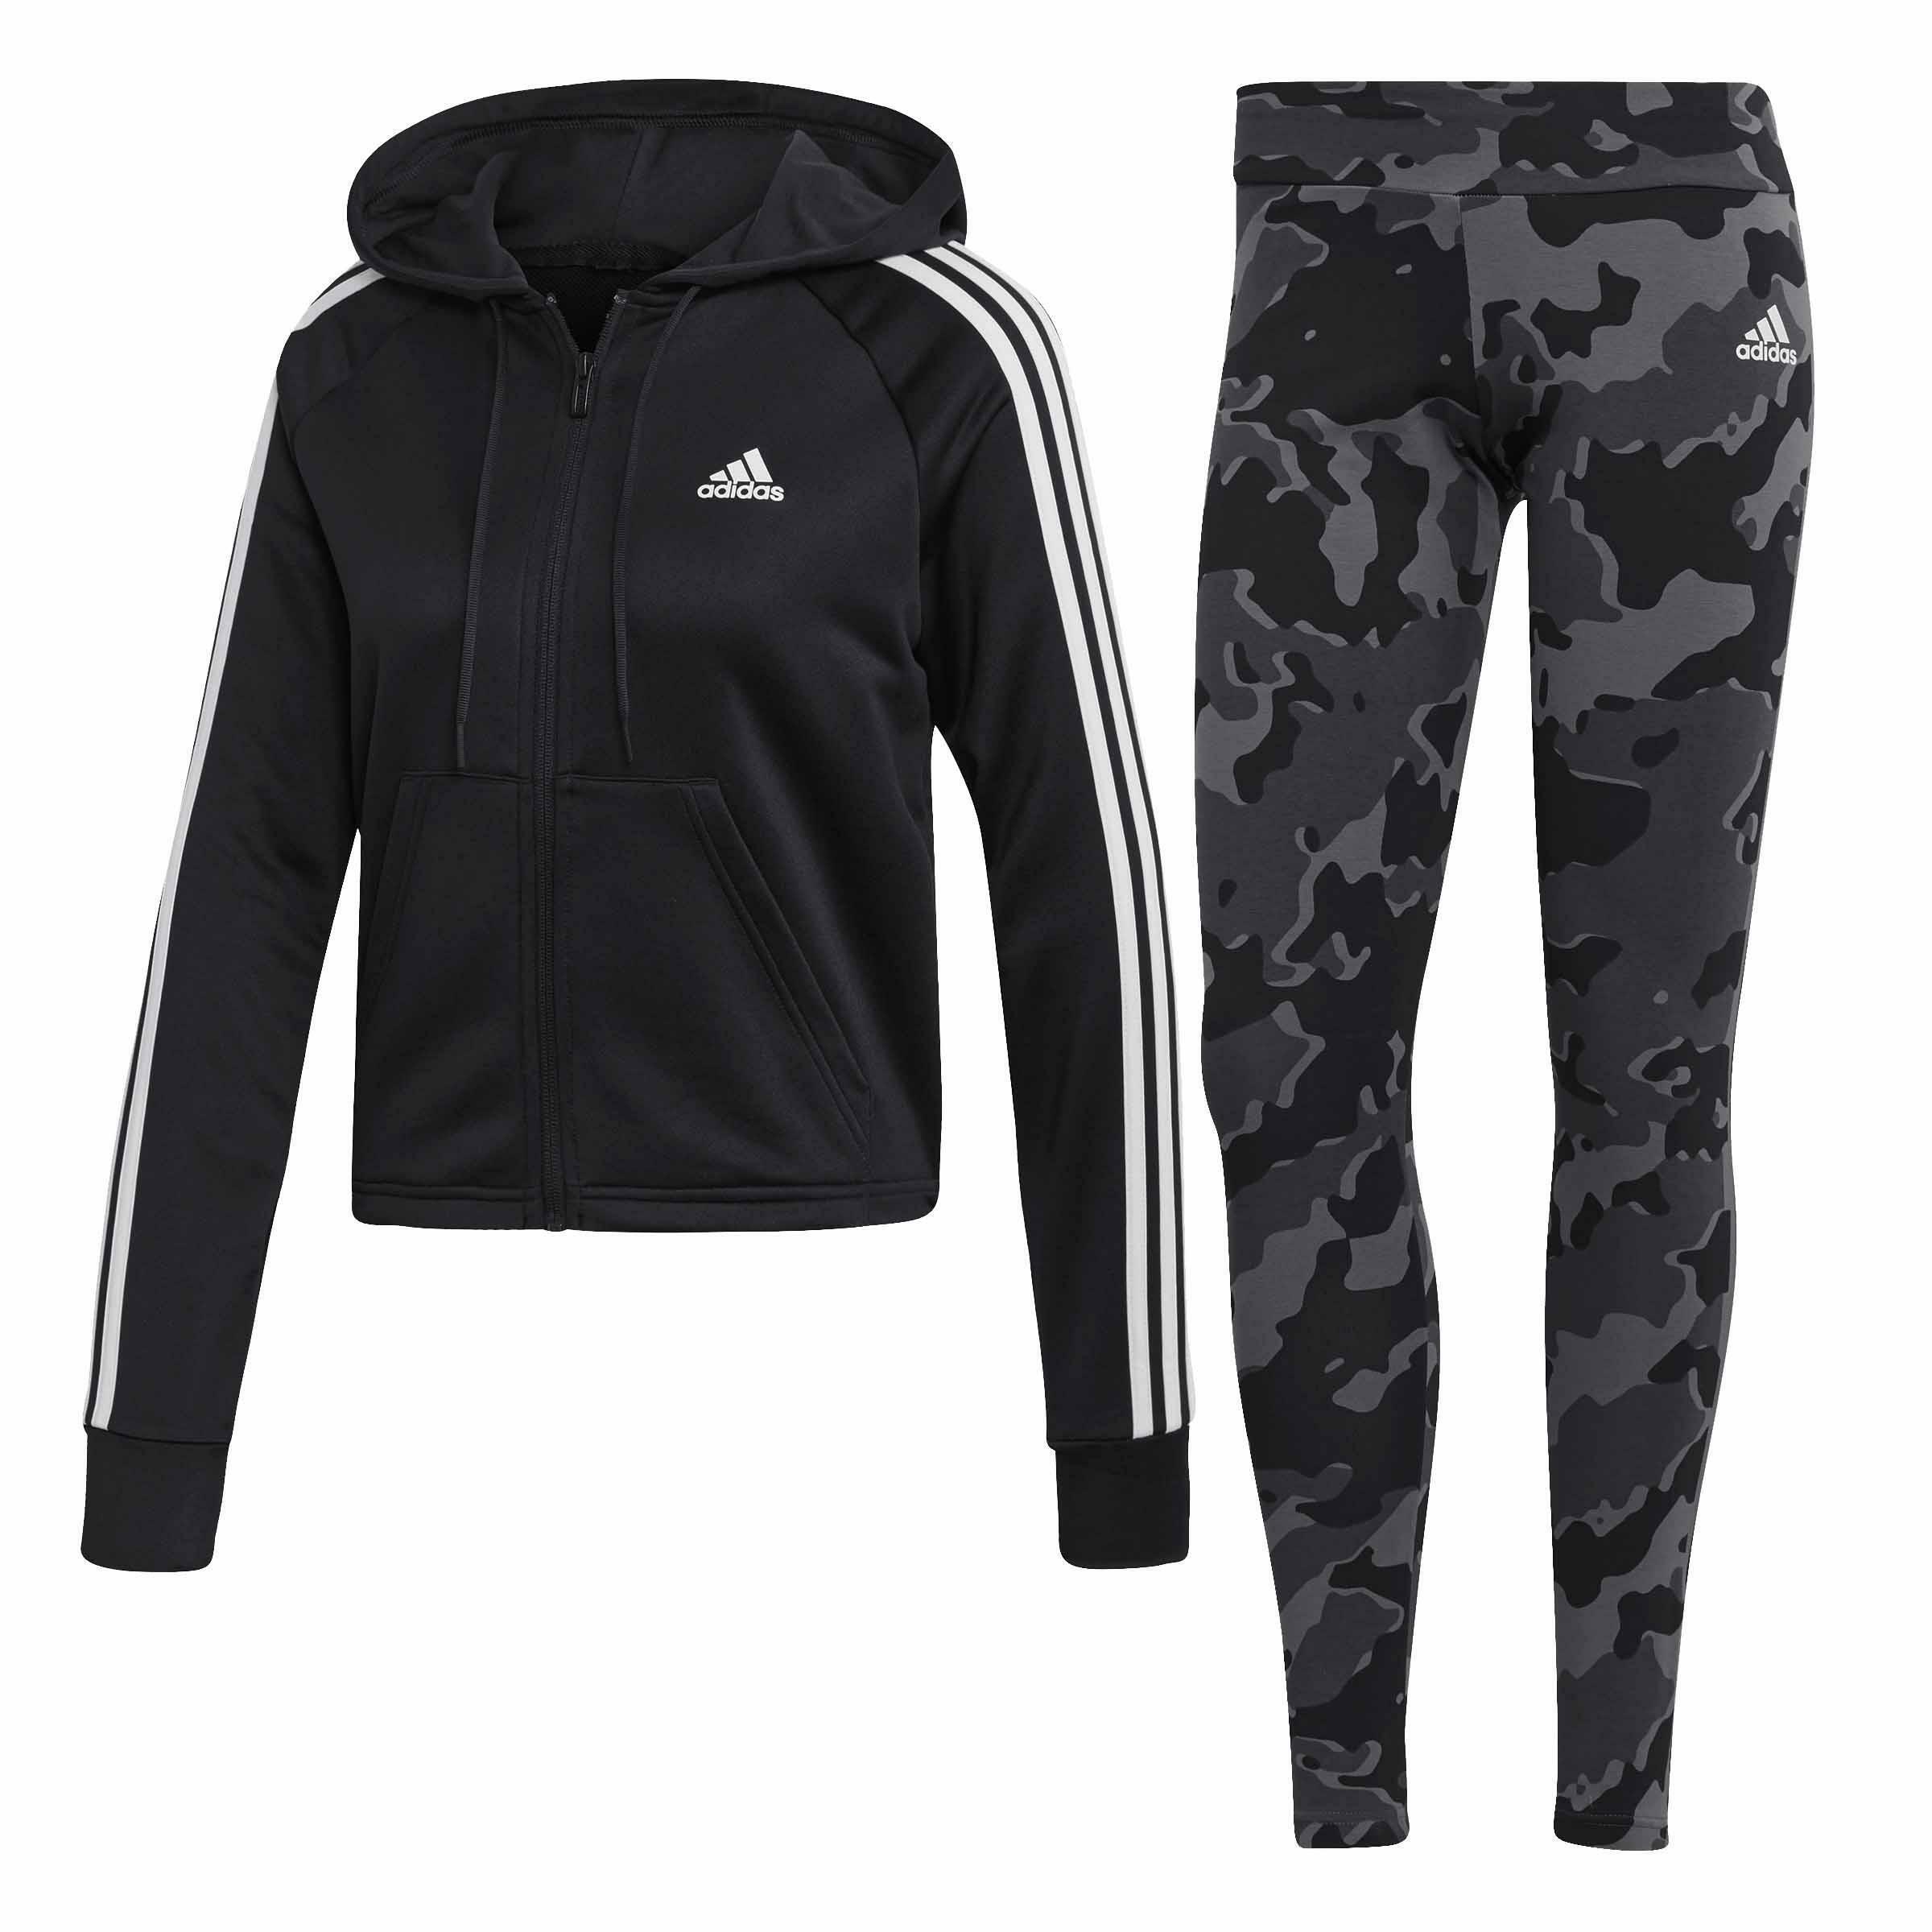 094d916d25 Adidas wts hoody-tight tuta donna nera dz8708